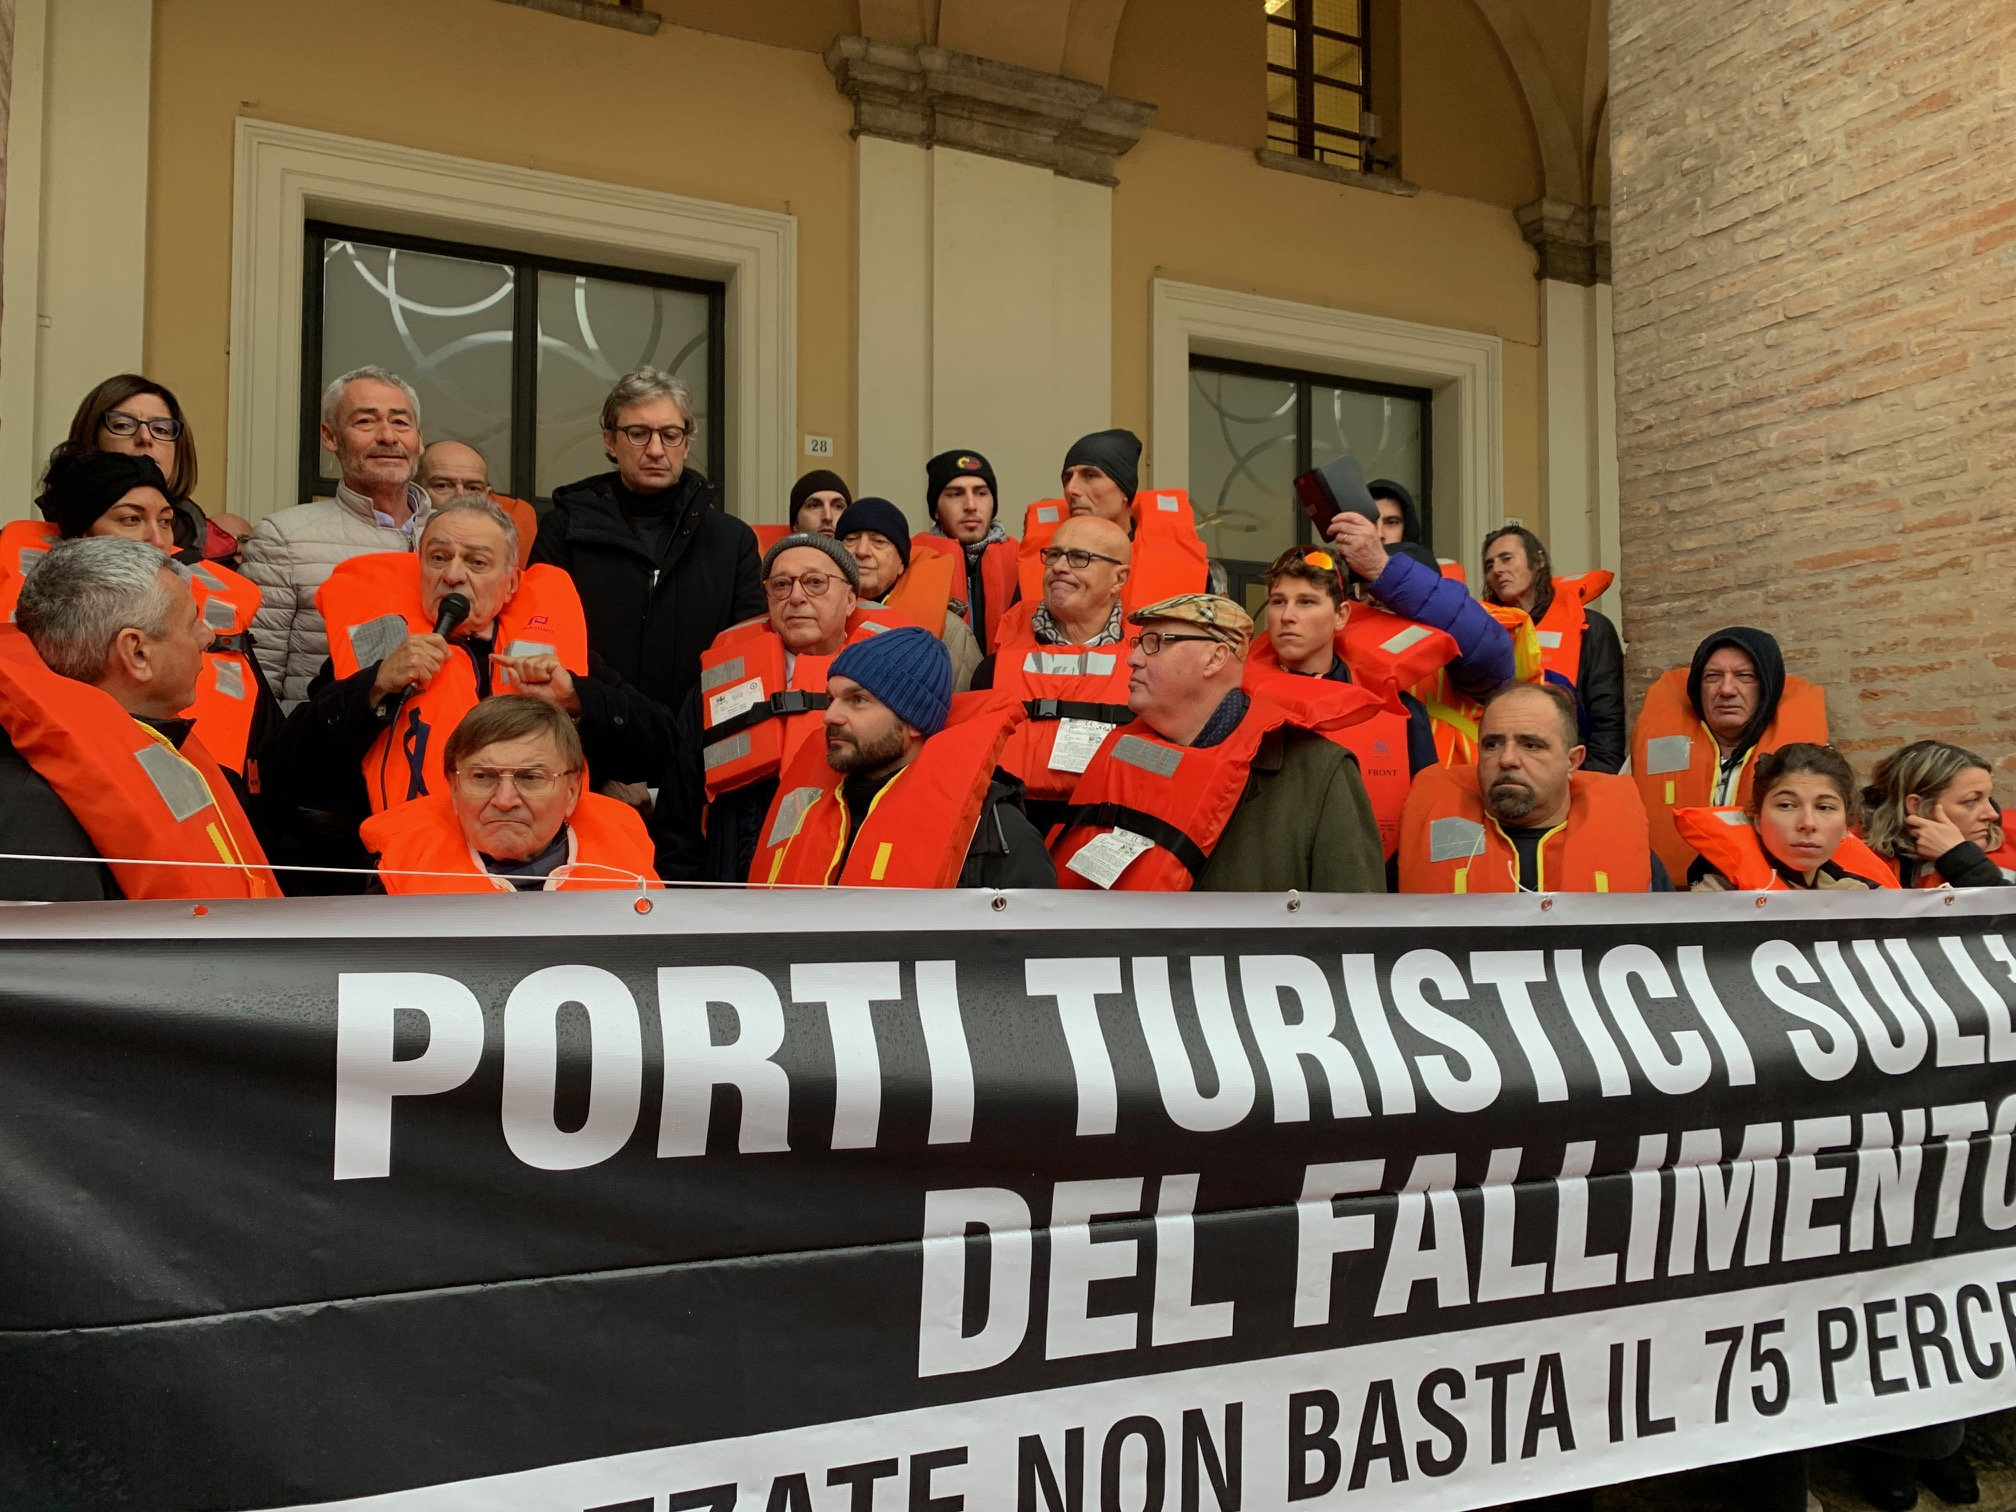 Stangata canoni, a Rimini la protesta dei porti turistici